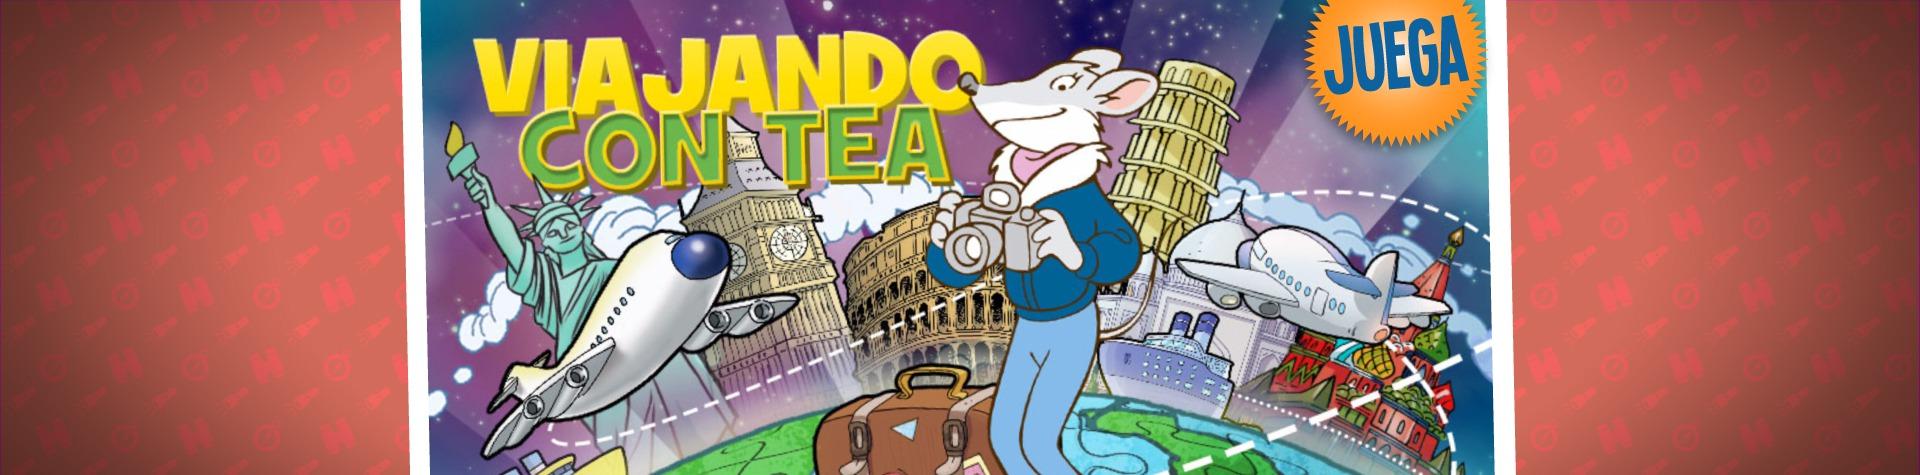 Viajando con Tea